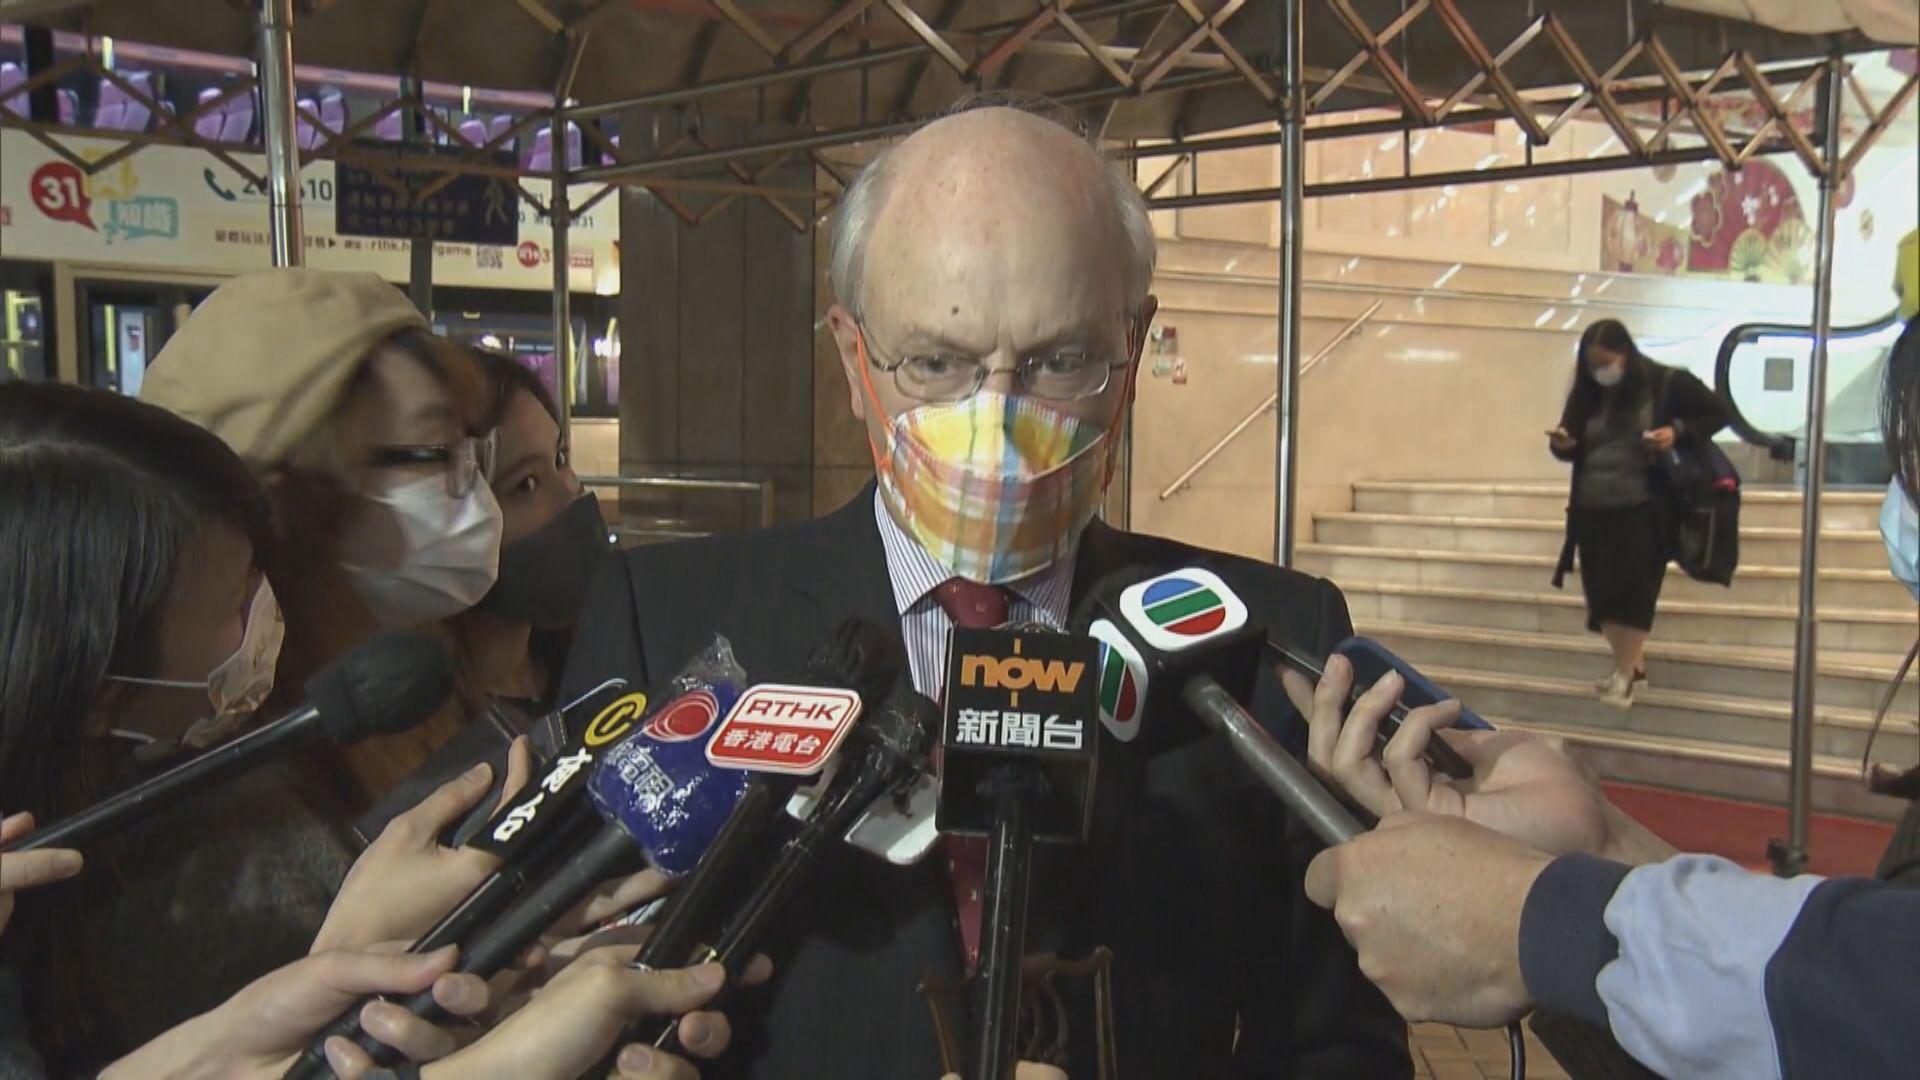 夏博義言論受港澳辦等批評 大律師公會發聲明指會致力維護法治